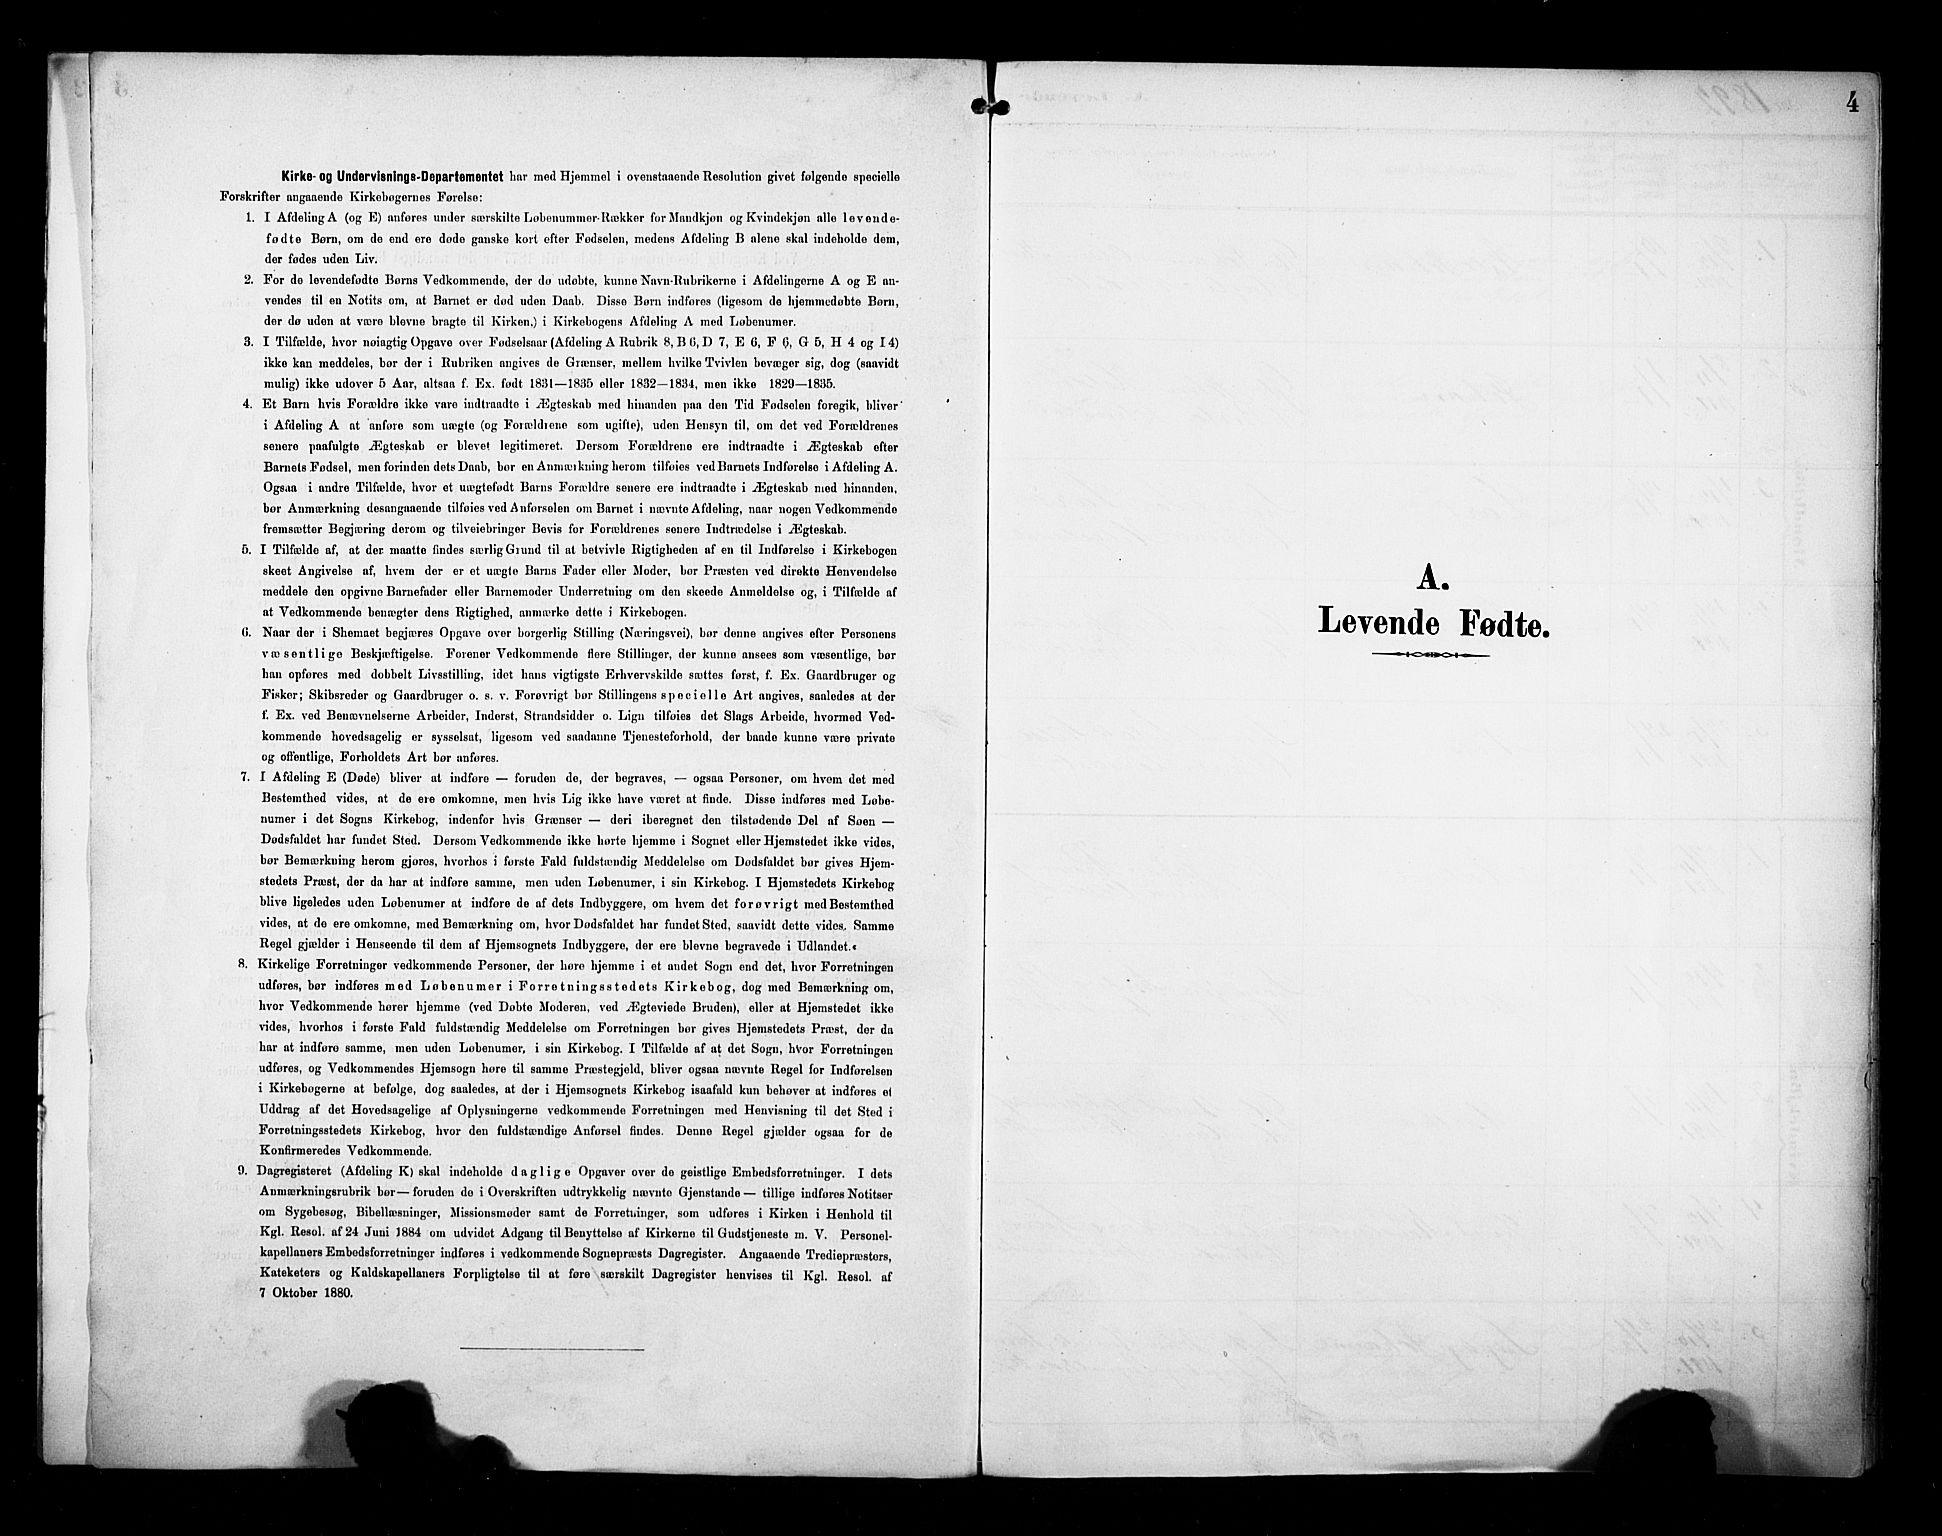 SAB, Evanger sokneprestembete*, Ministerialbok nr. A 2, 1892-1899, s. 4